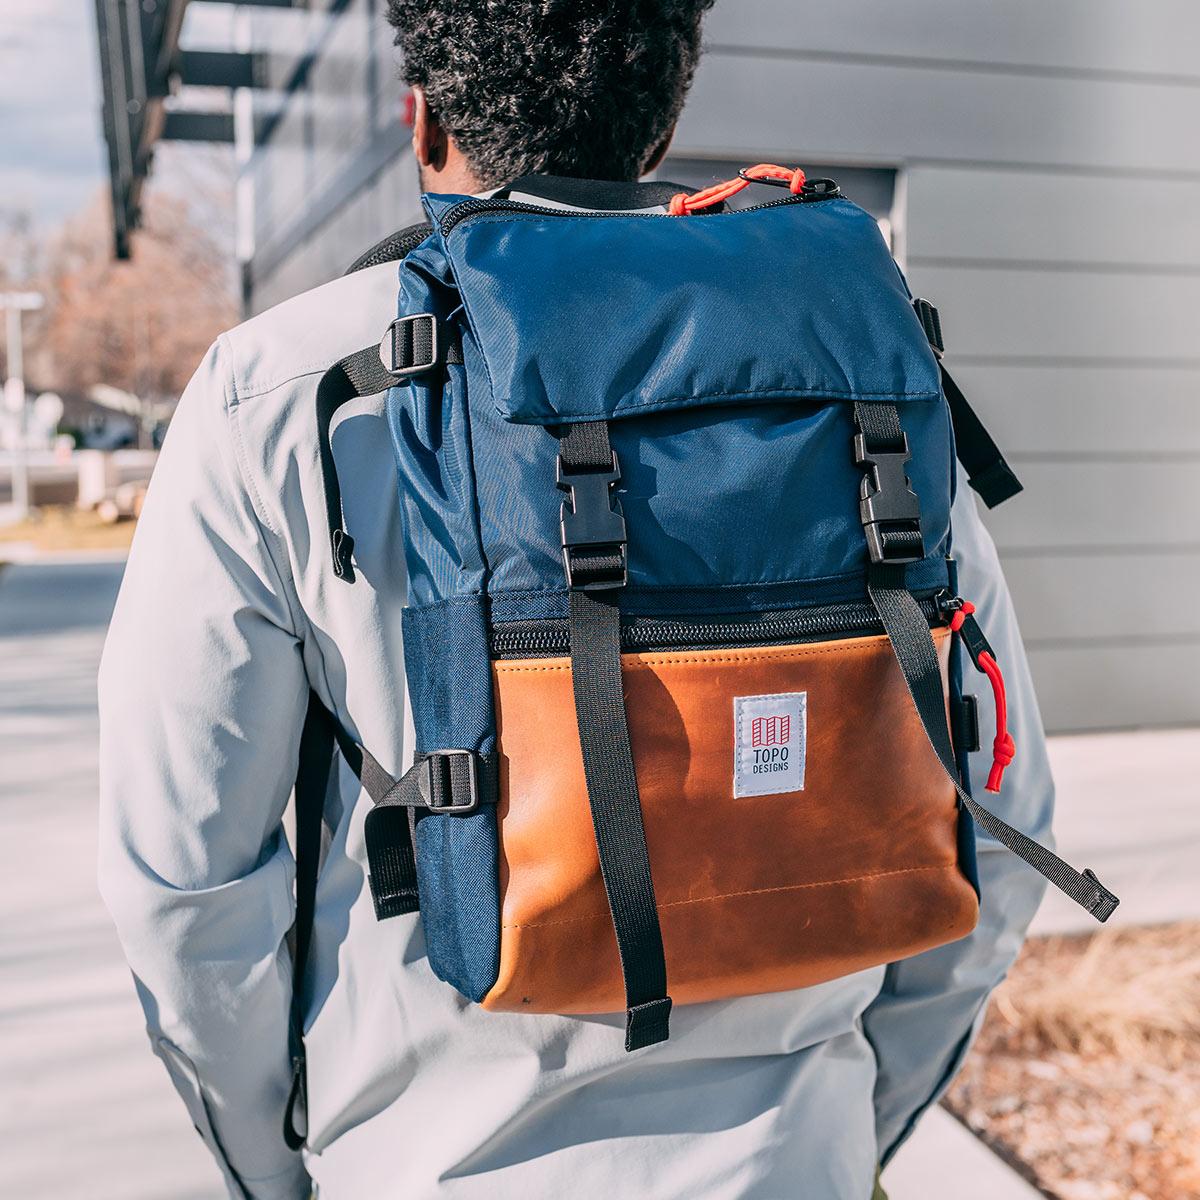 Topo Designs Rover Pack Heritage Navy/Brown Leather, der ideale Rucksack für den täglichen Gebrauch